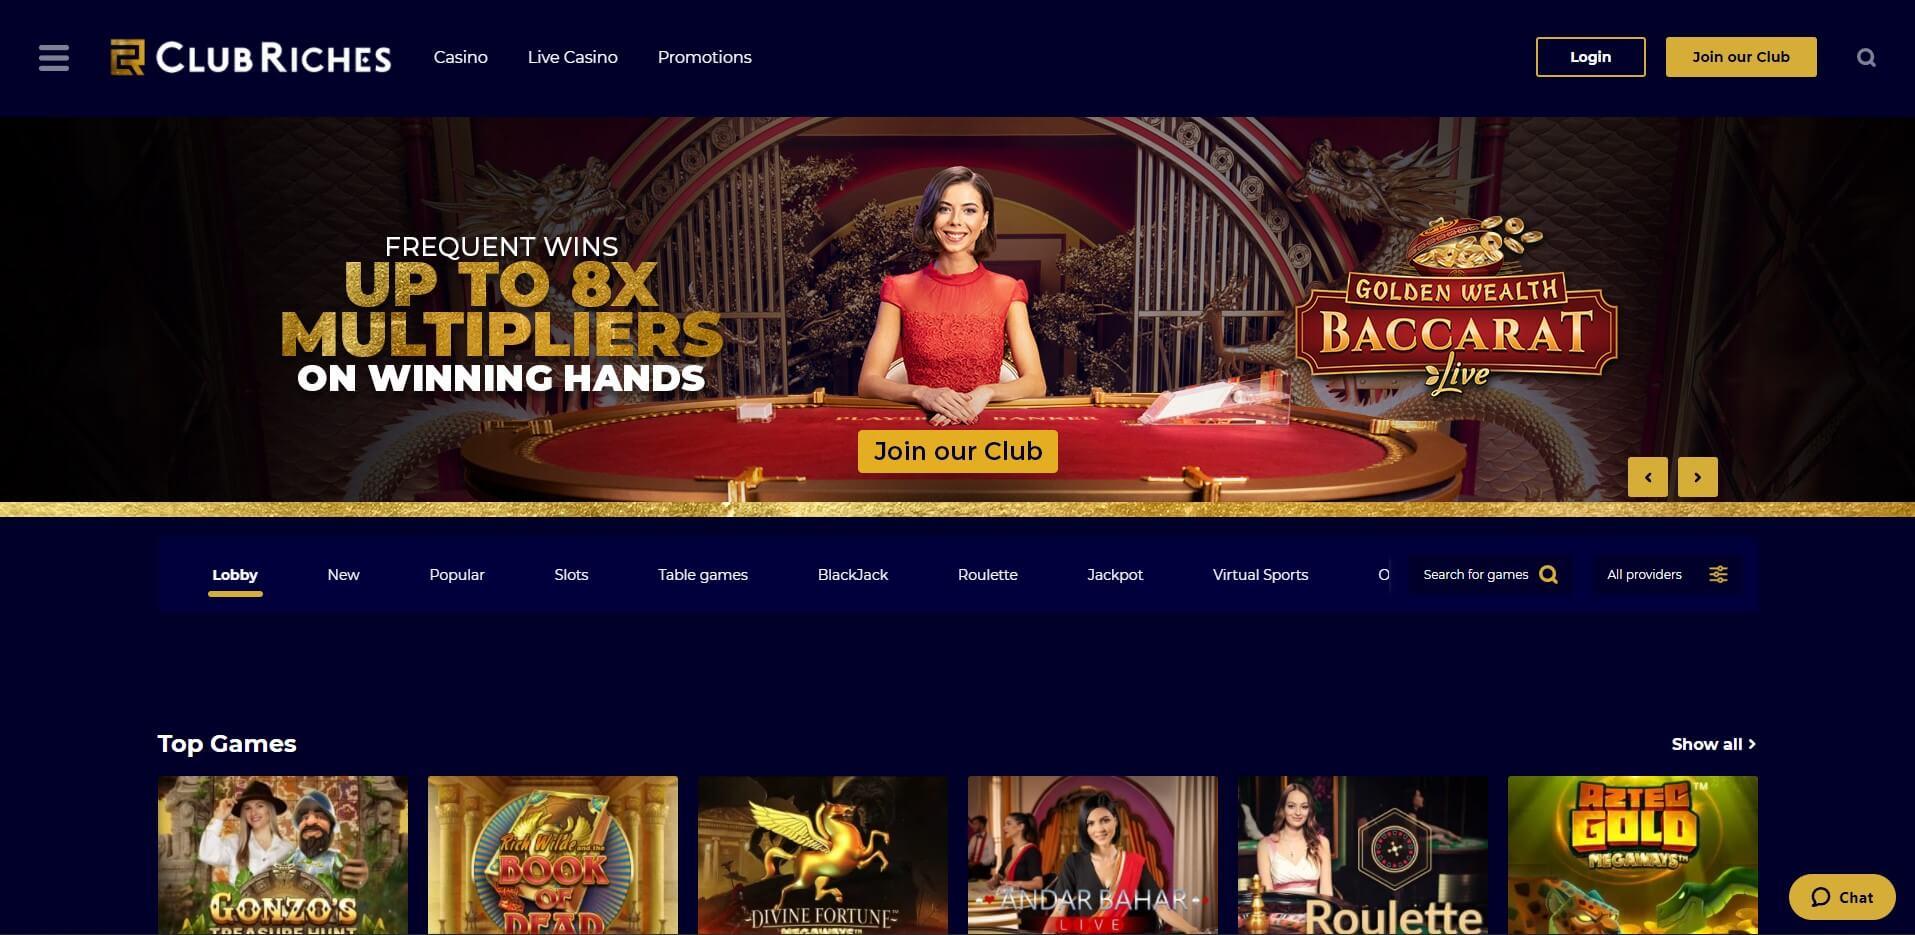 clubriches.com - Website Review